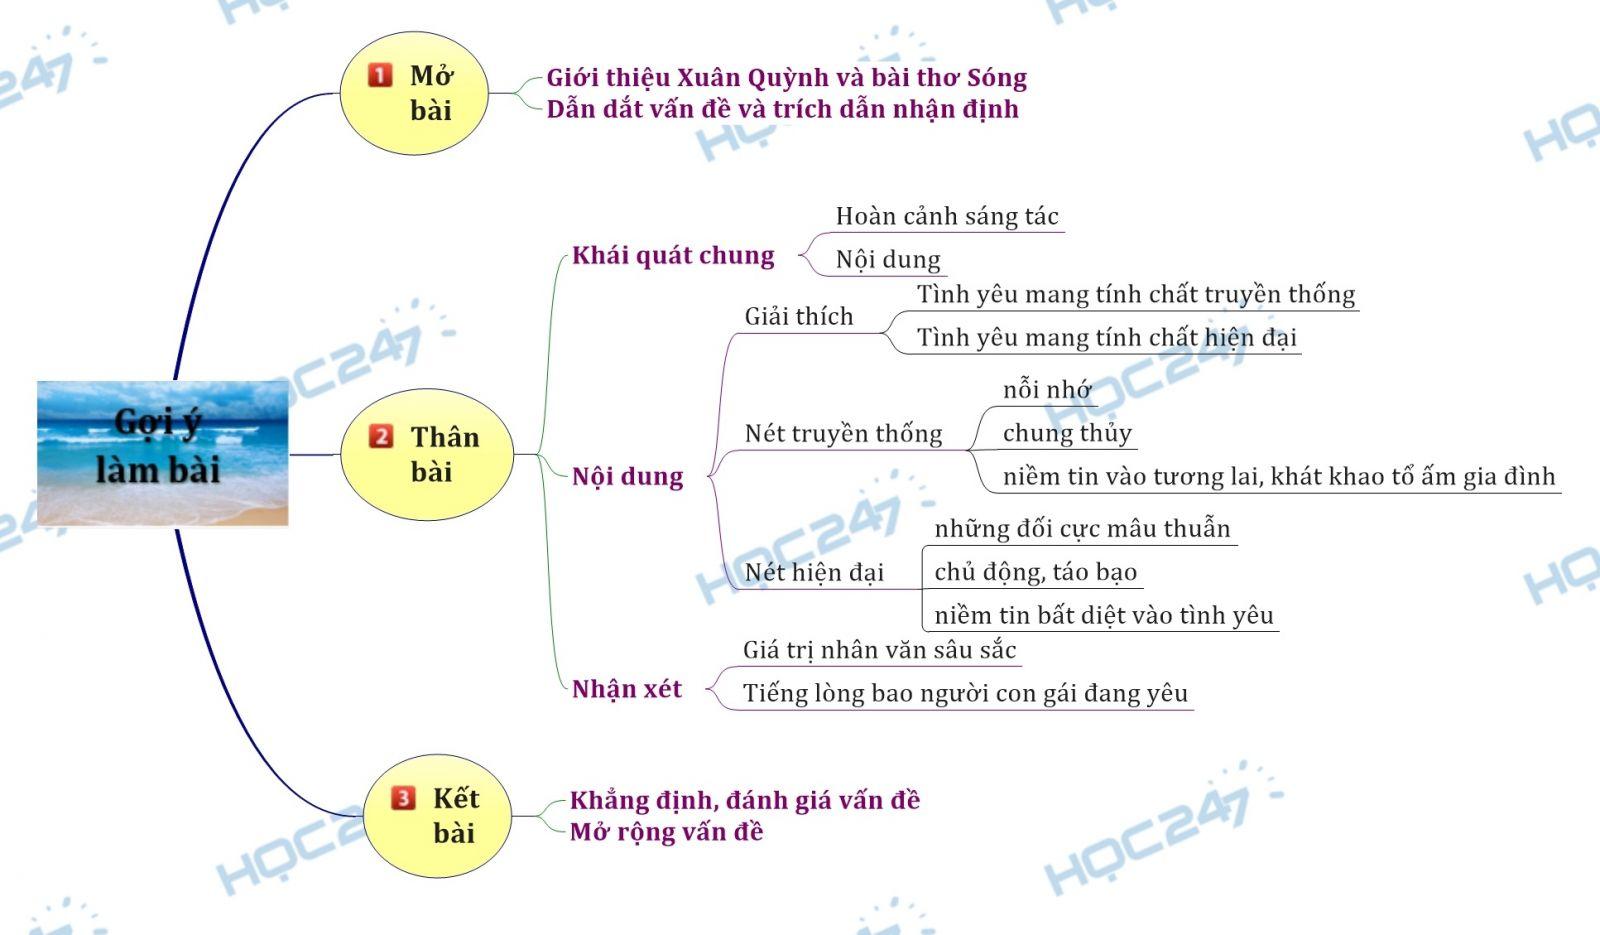 Sơ đồ tư duy - Bình luận quan niệm về tình yêu trong bài thơ Sóng của Xuân Quỳnh